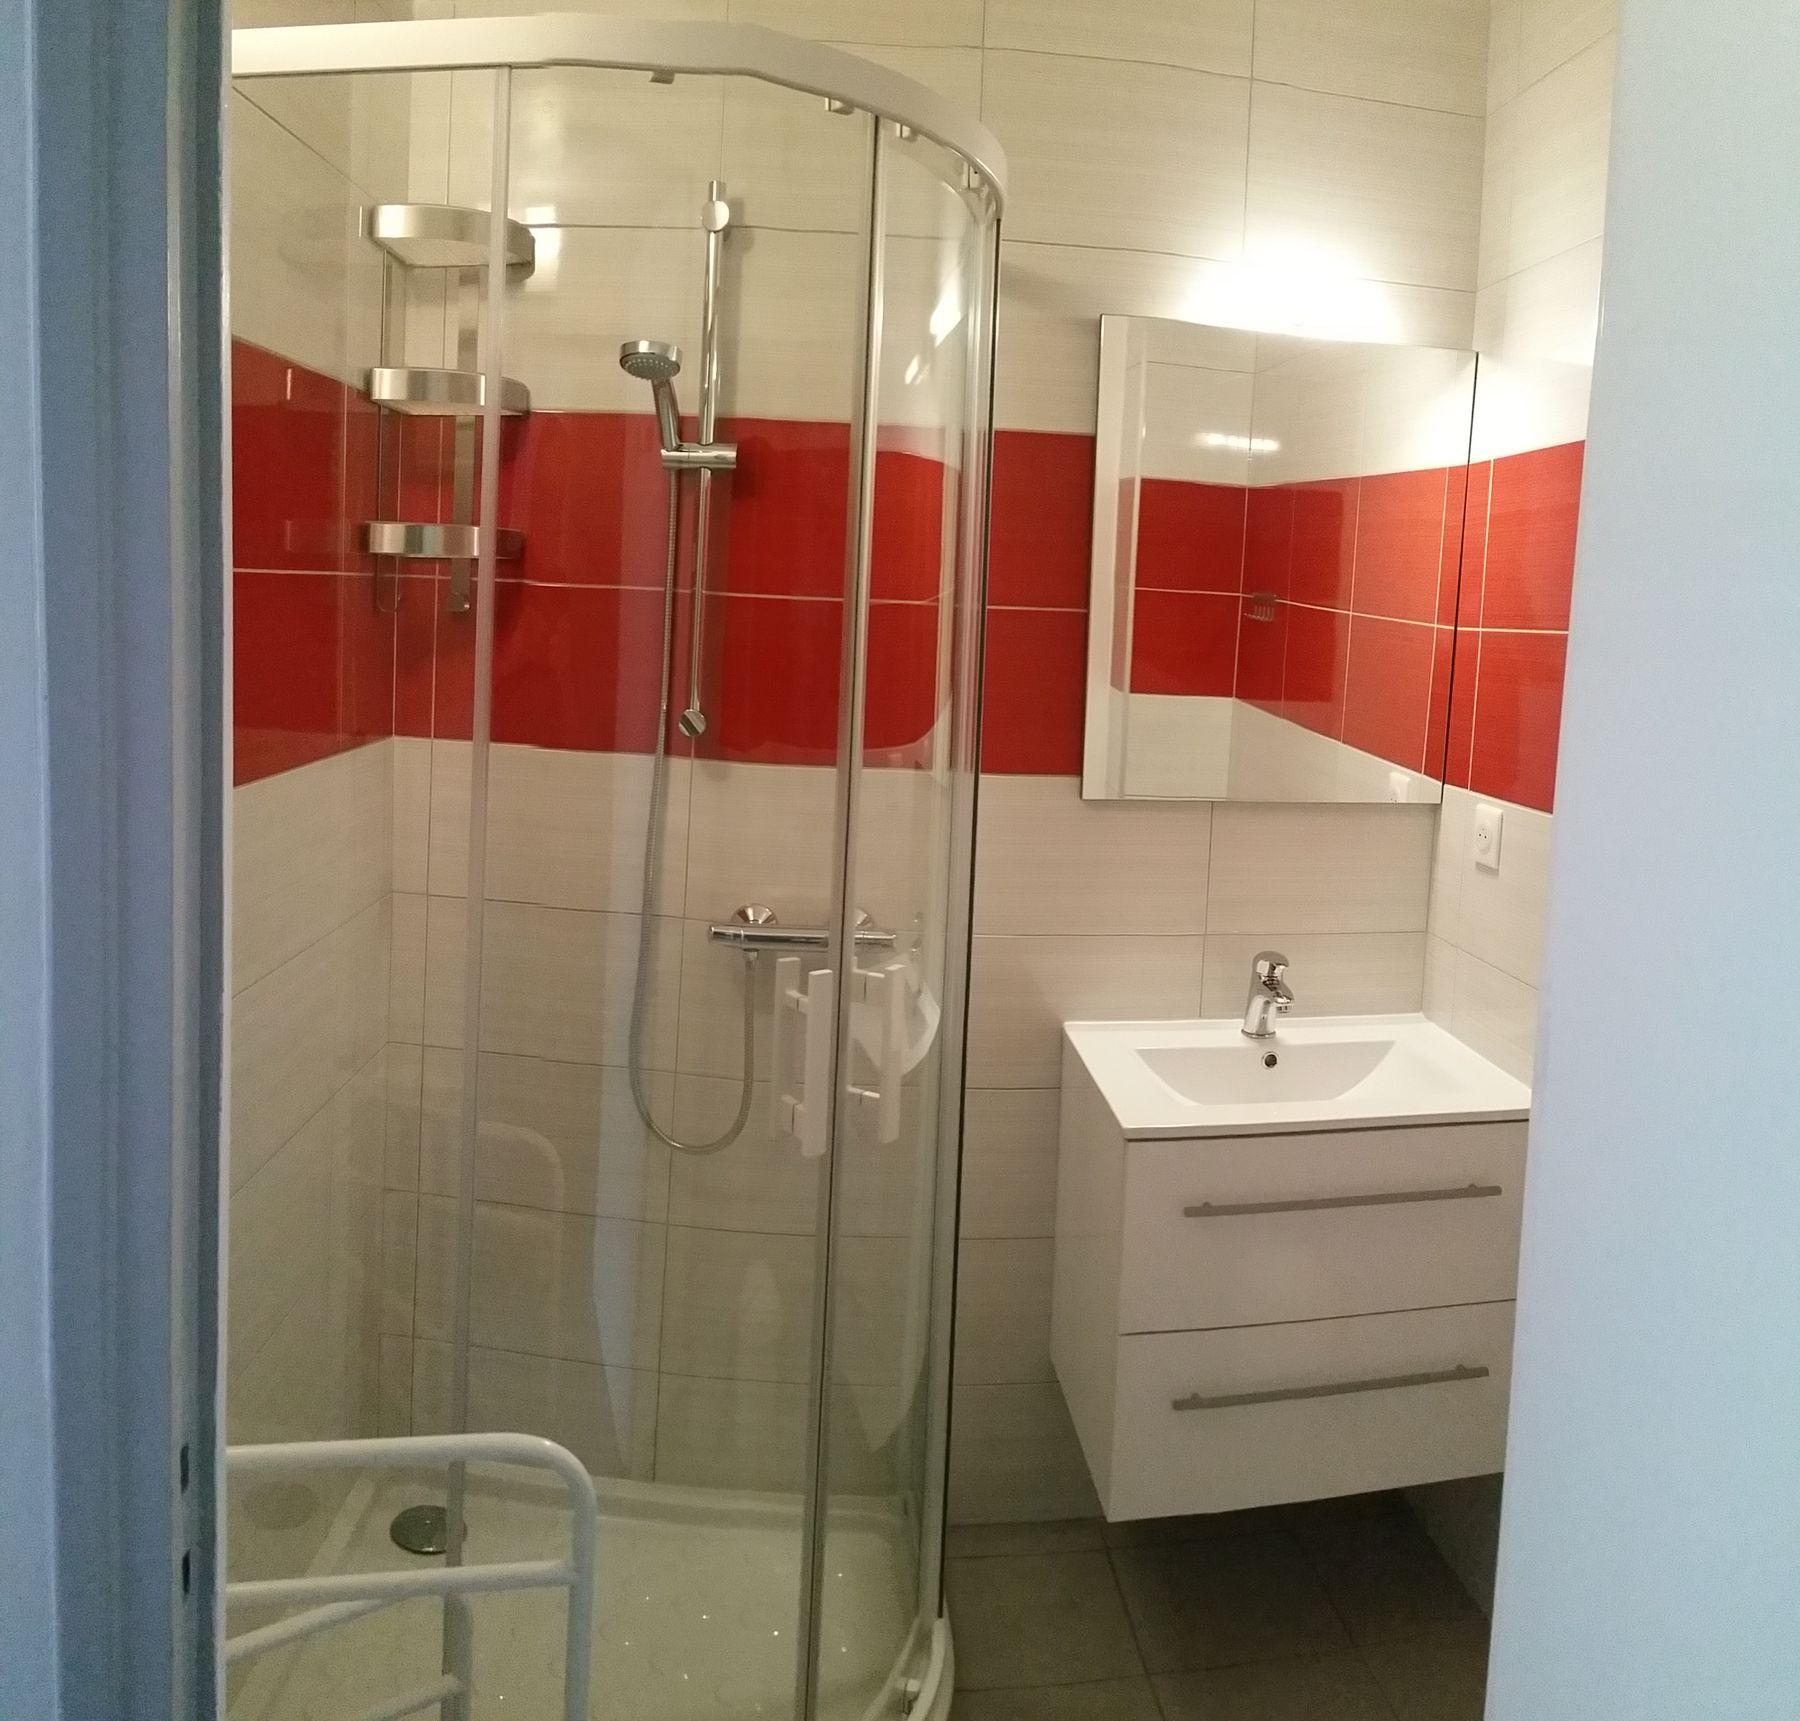 Cabine douche, lavabo avec meuble de rangement 2 tiroirs.